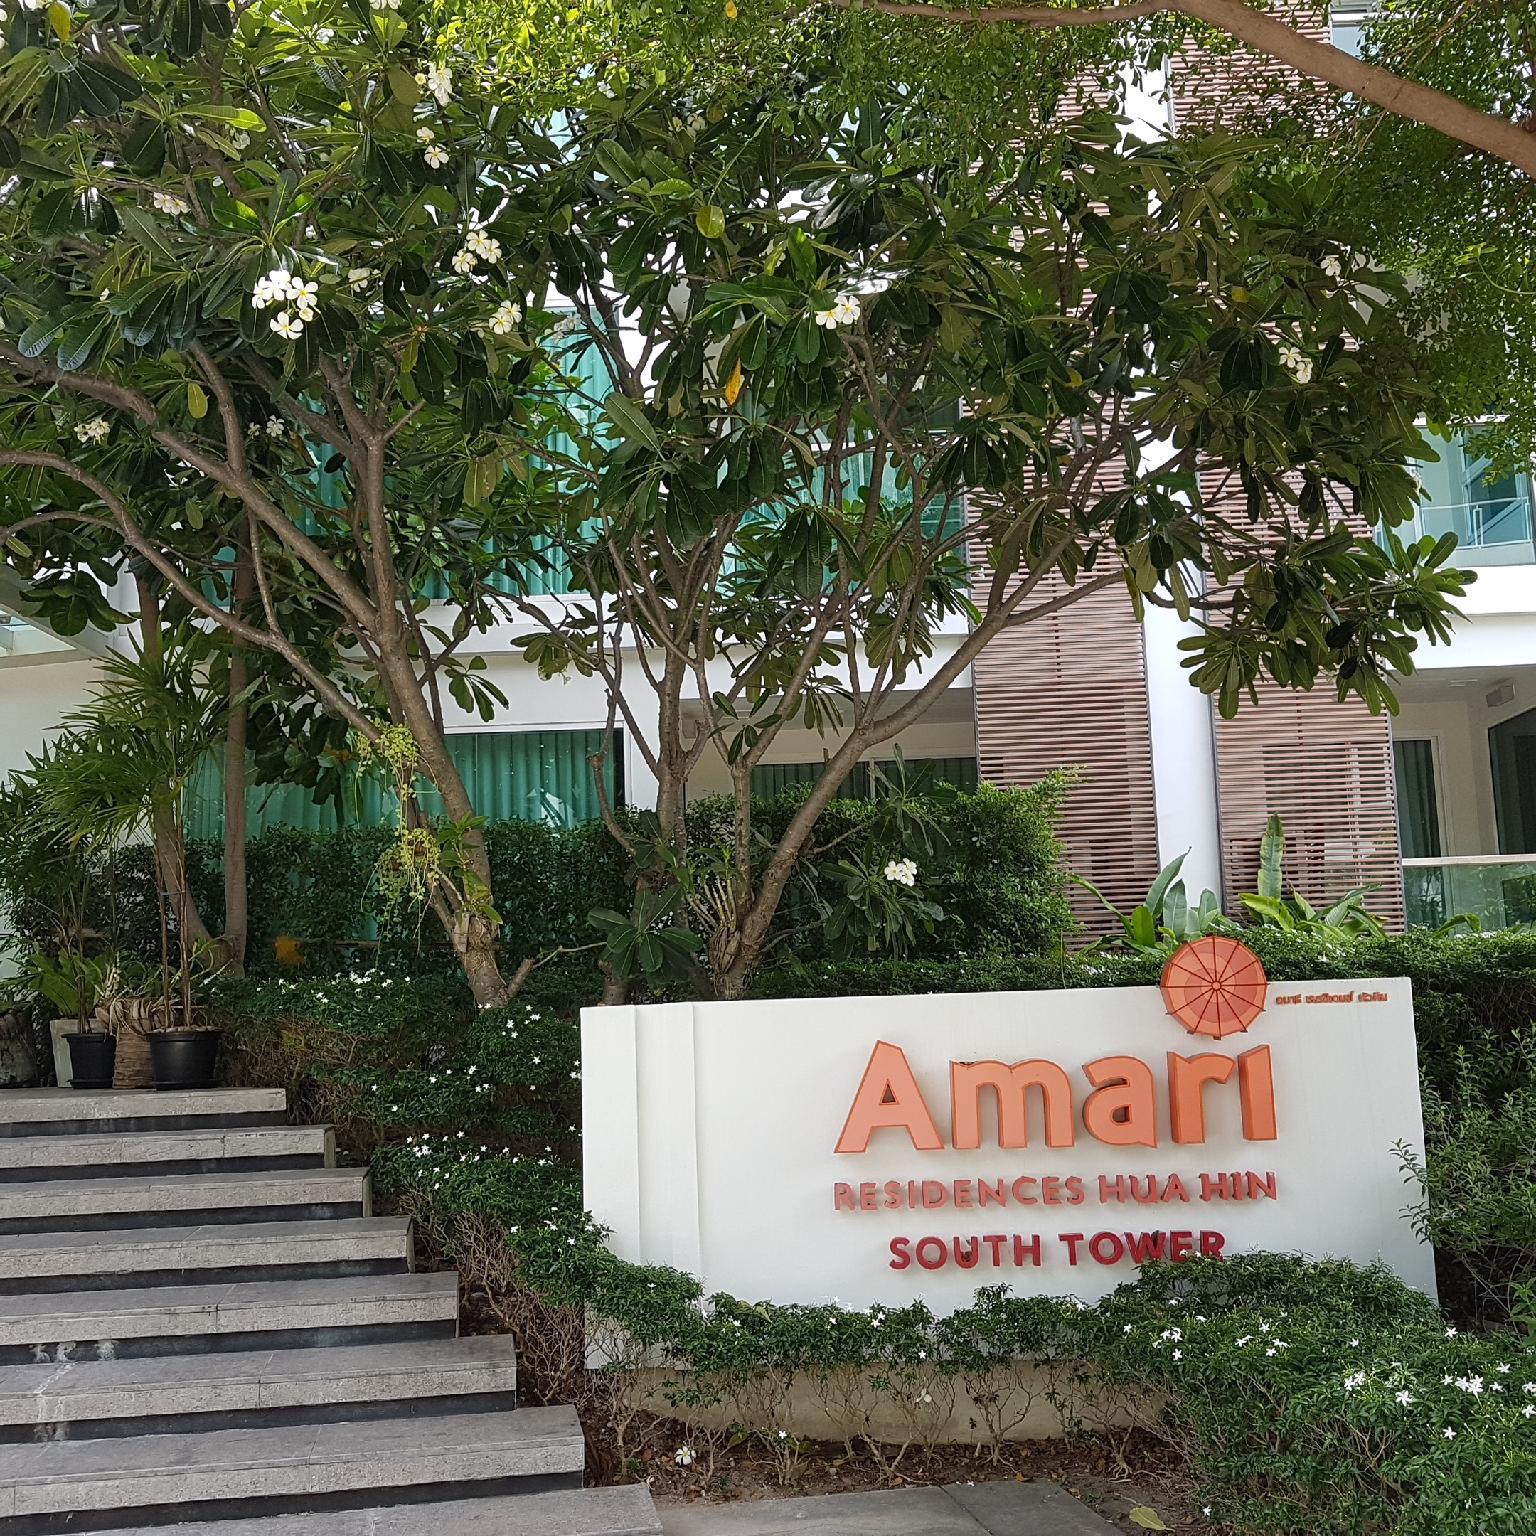 Nithiwat Amari Residence Huahin